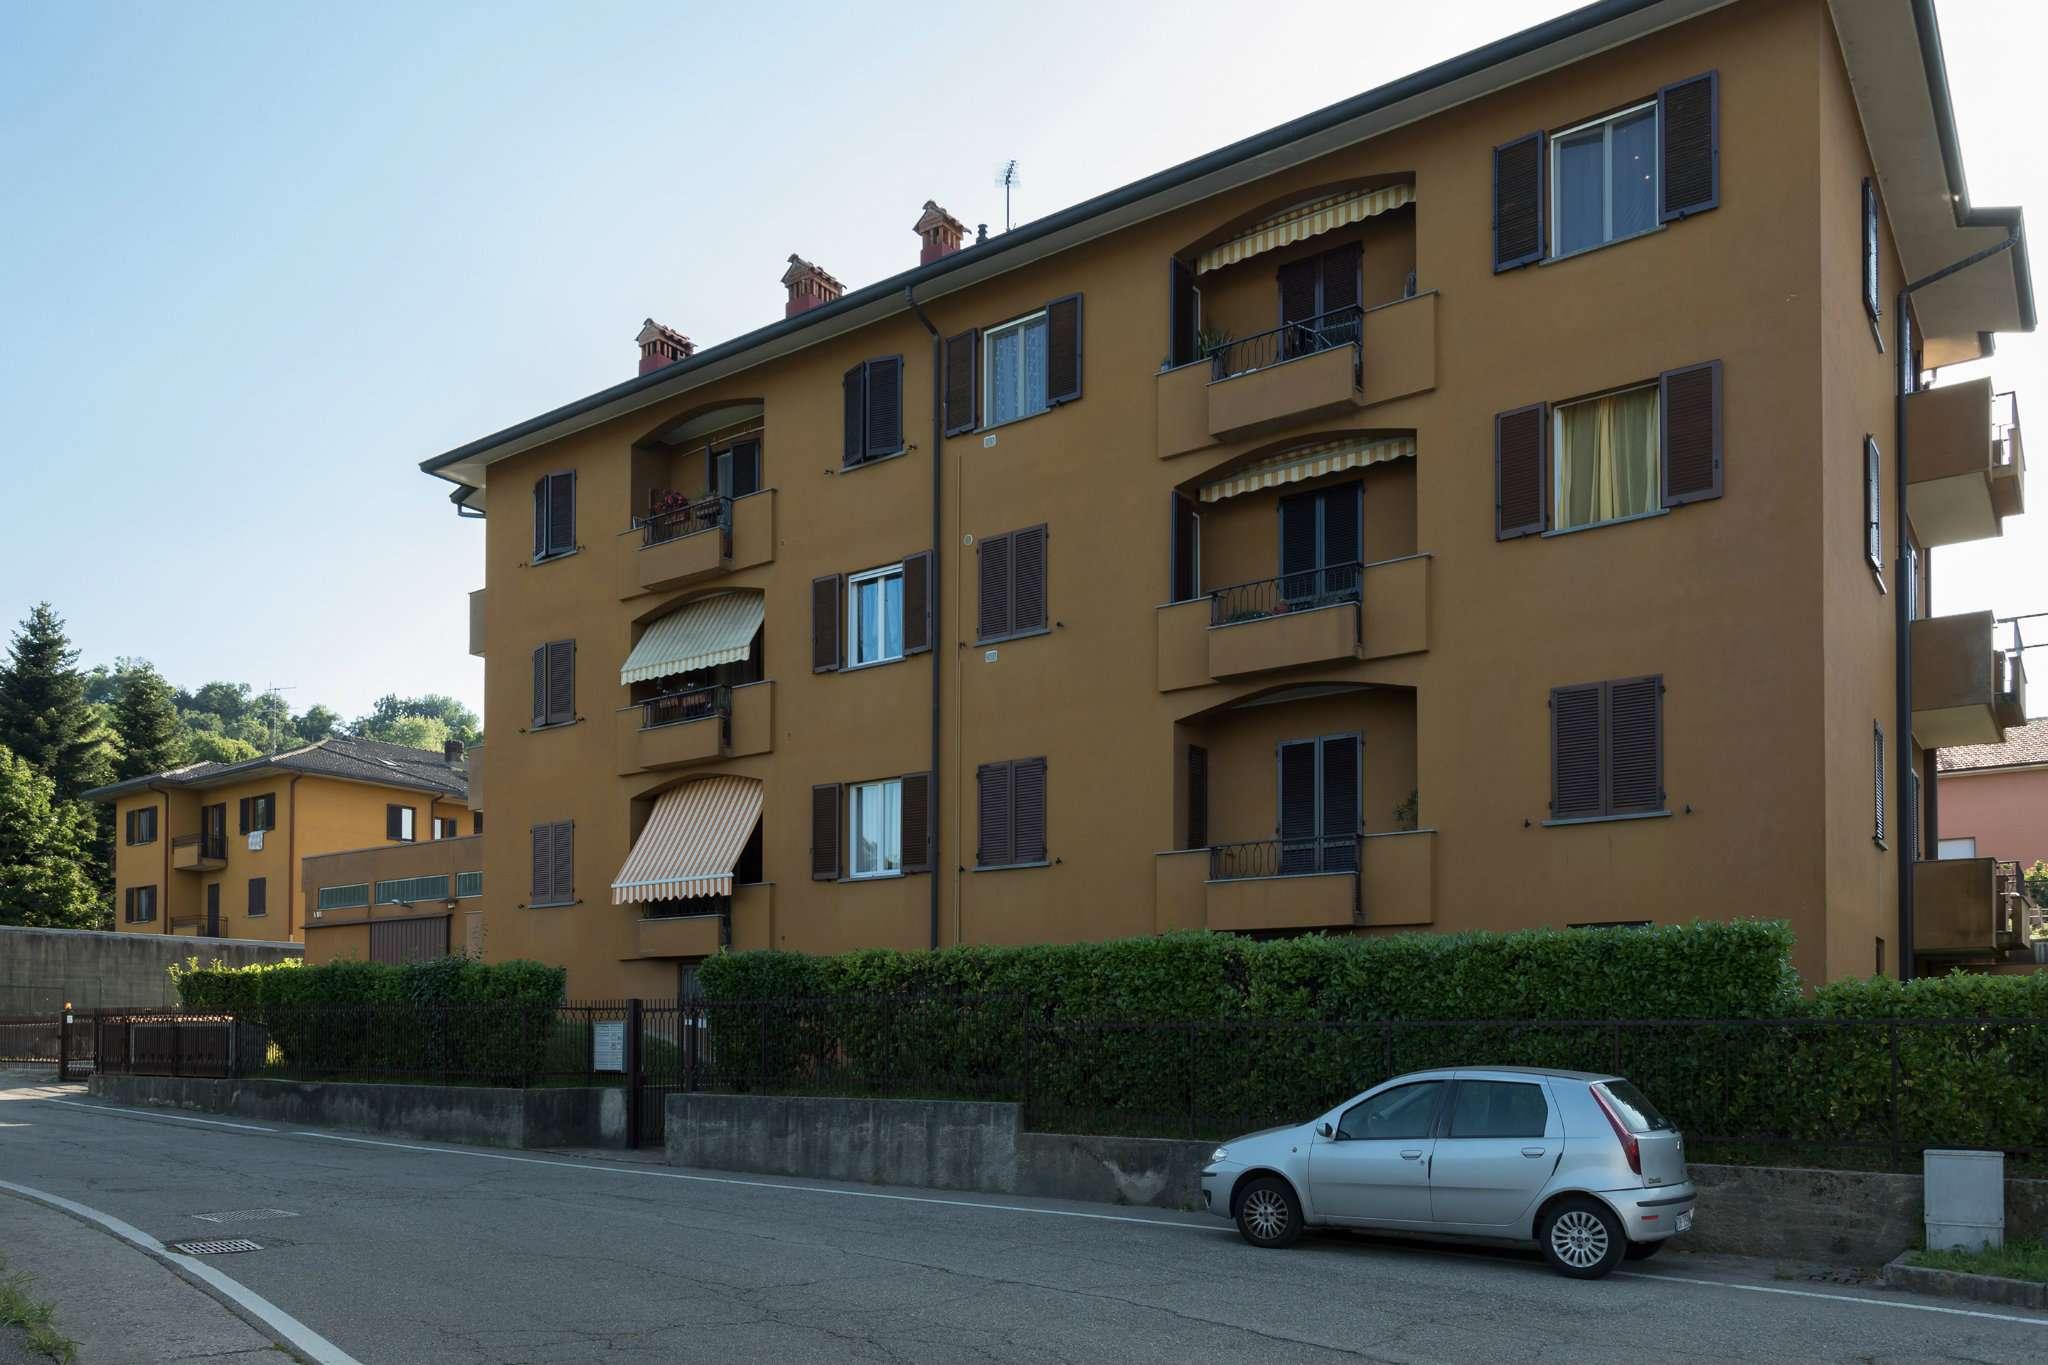 Appartamento in vendita a Brivio, 3 locali, prezzo € 94.000 | CambioCasa.it